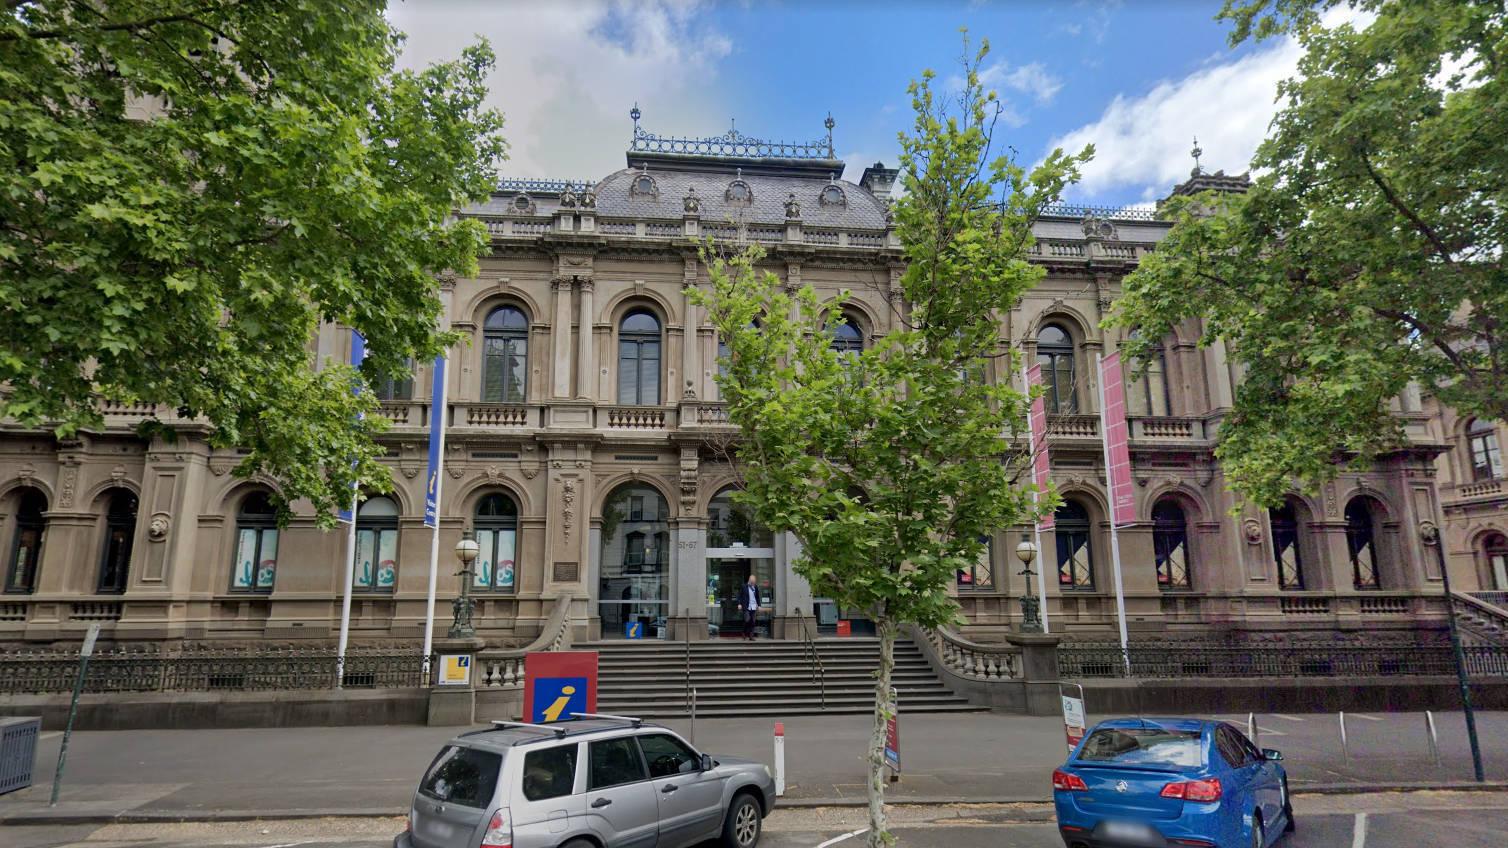 Bendigo Visitor Information Centre in Victoria Goldfields